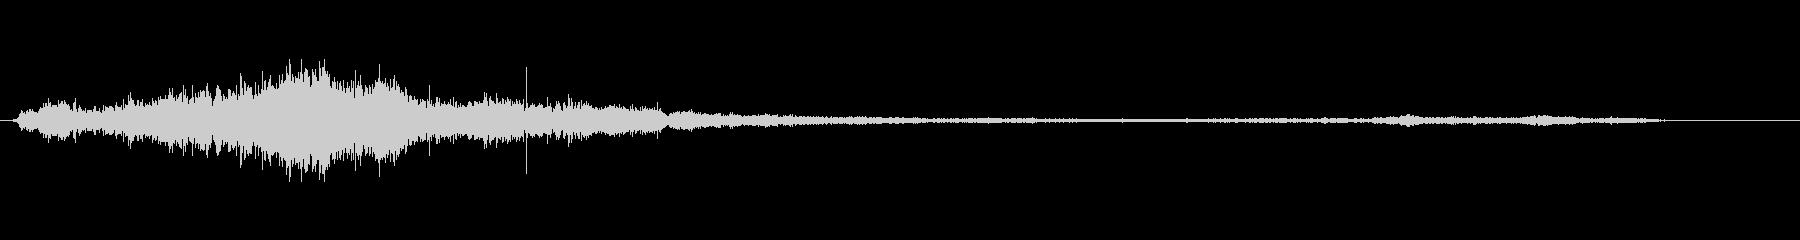 モーターサイクル-レース出口1の未再生の波形